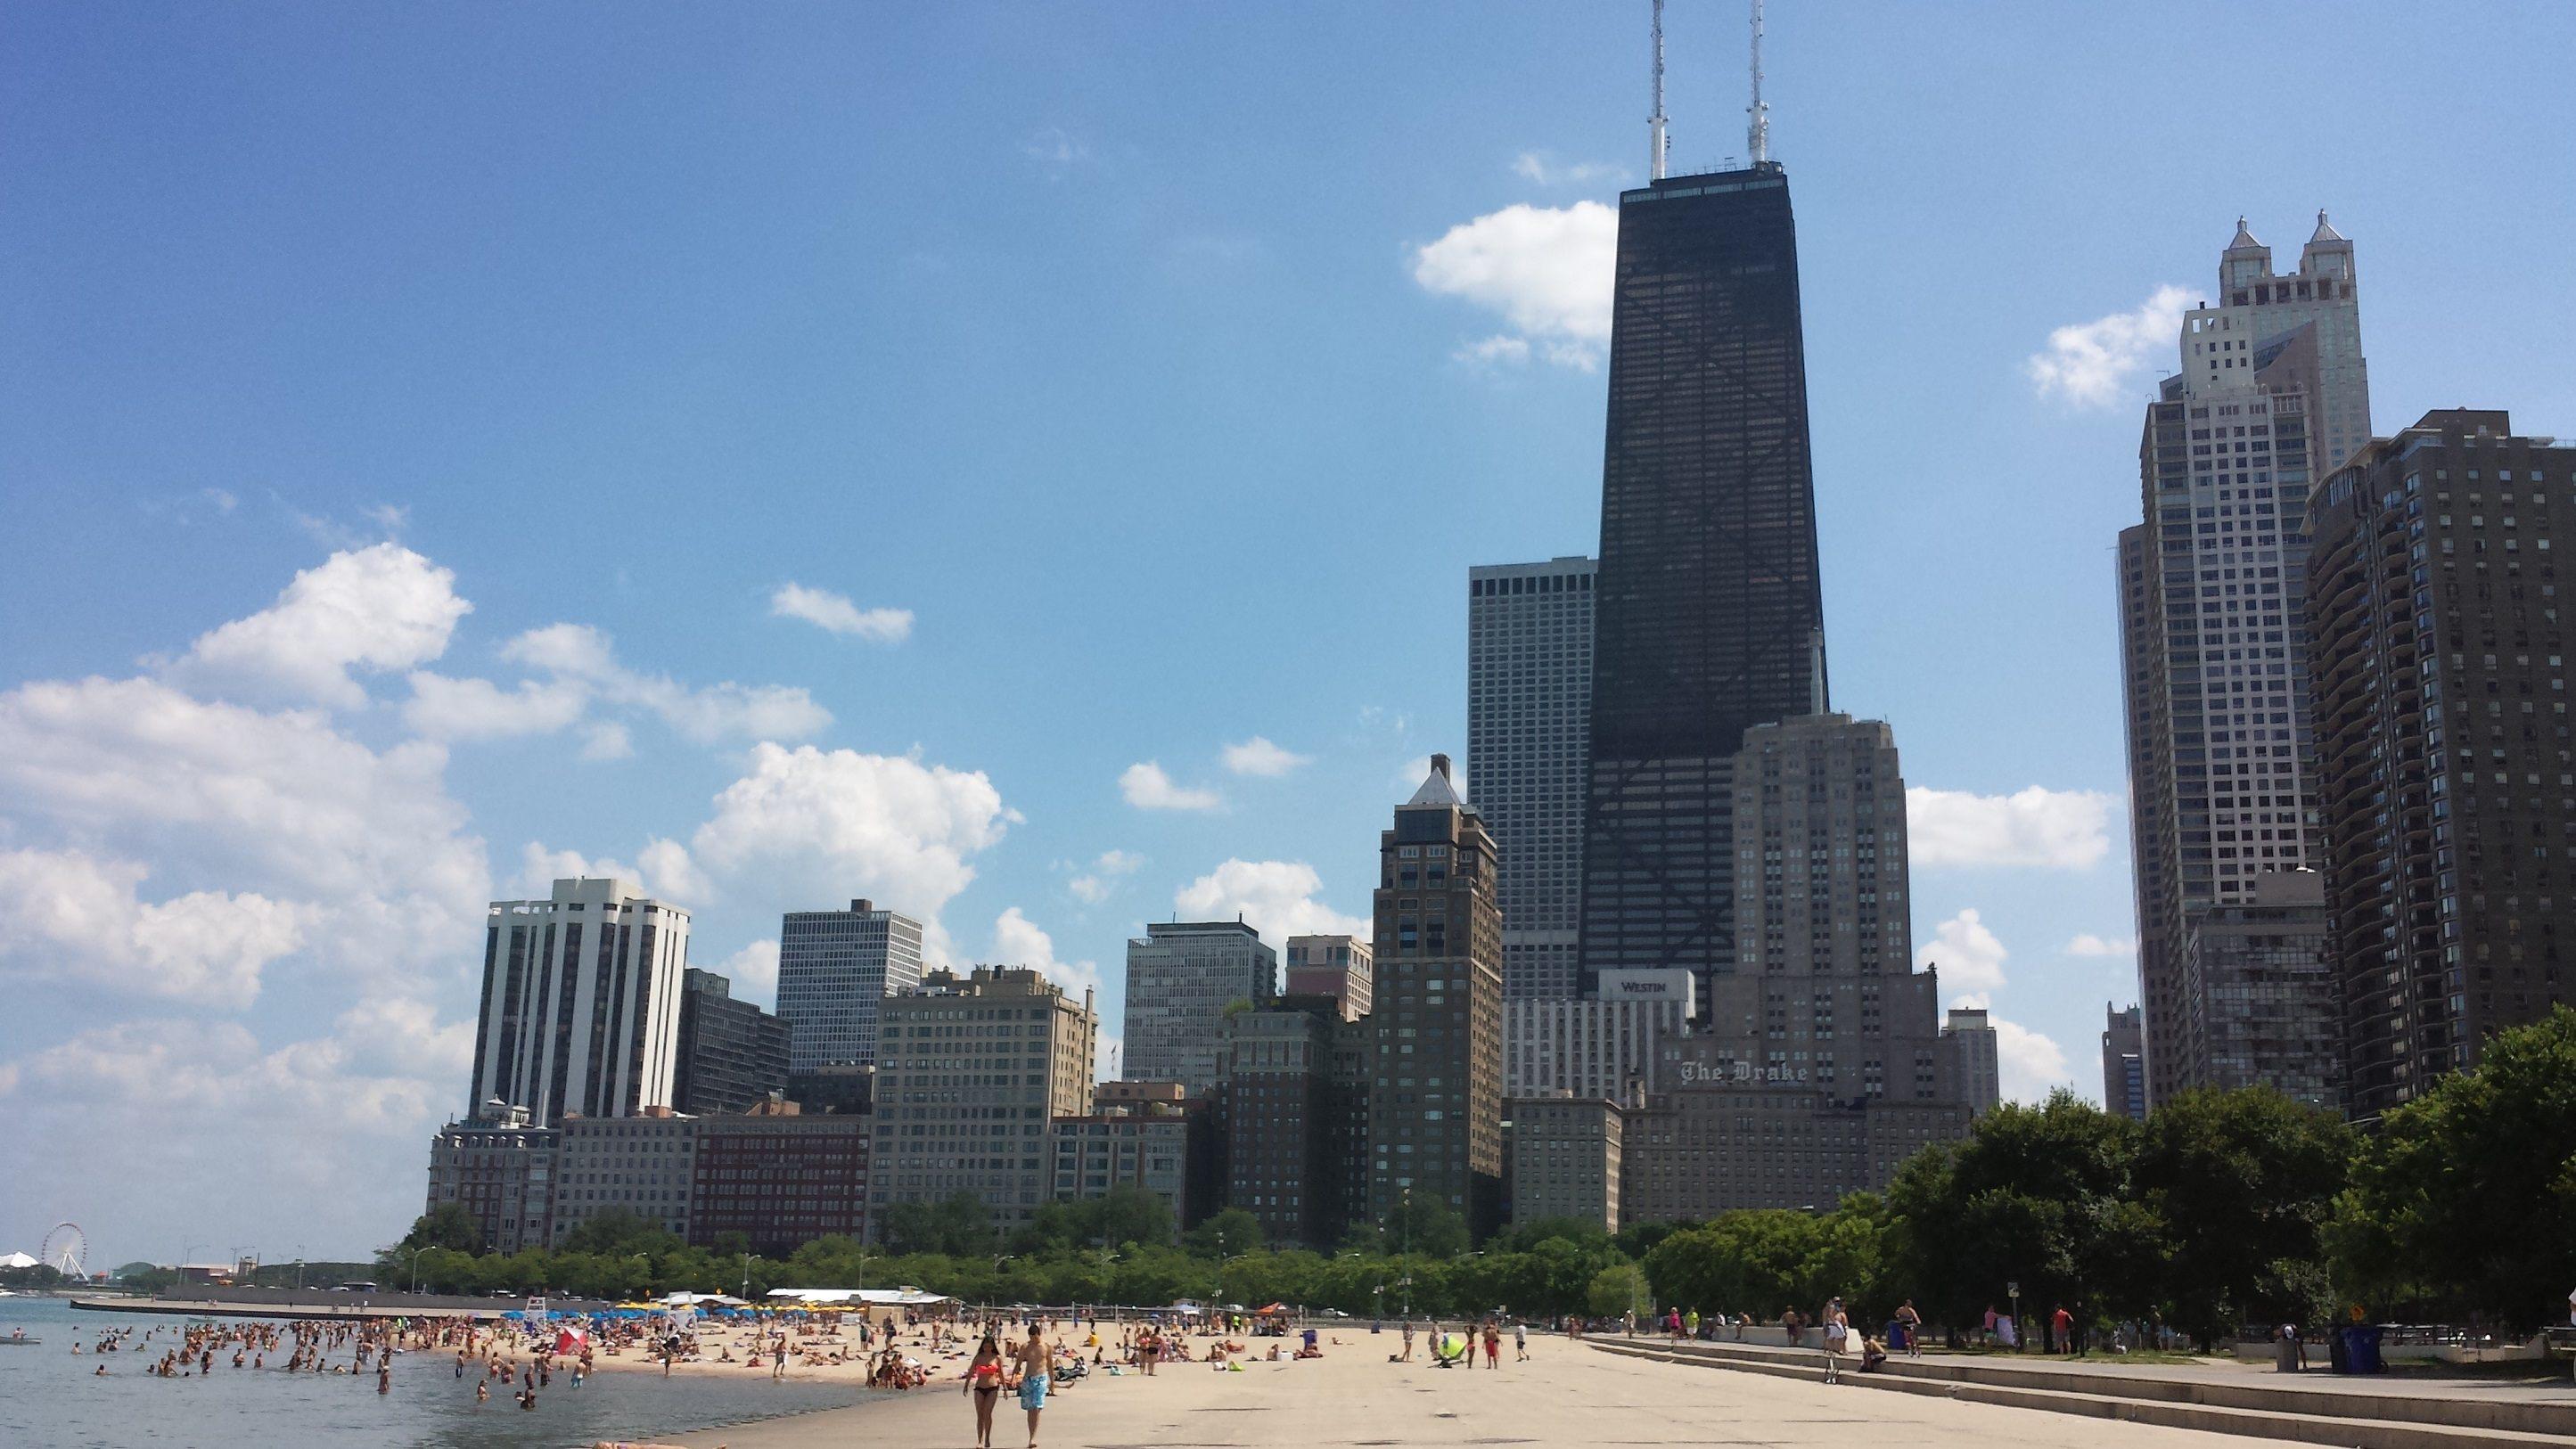 Oak Street Beach in Chicago